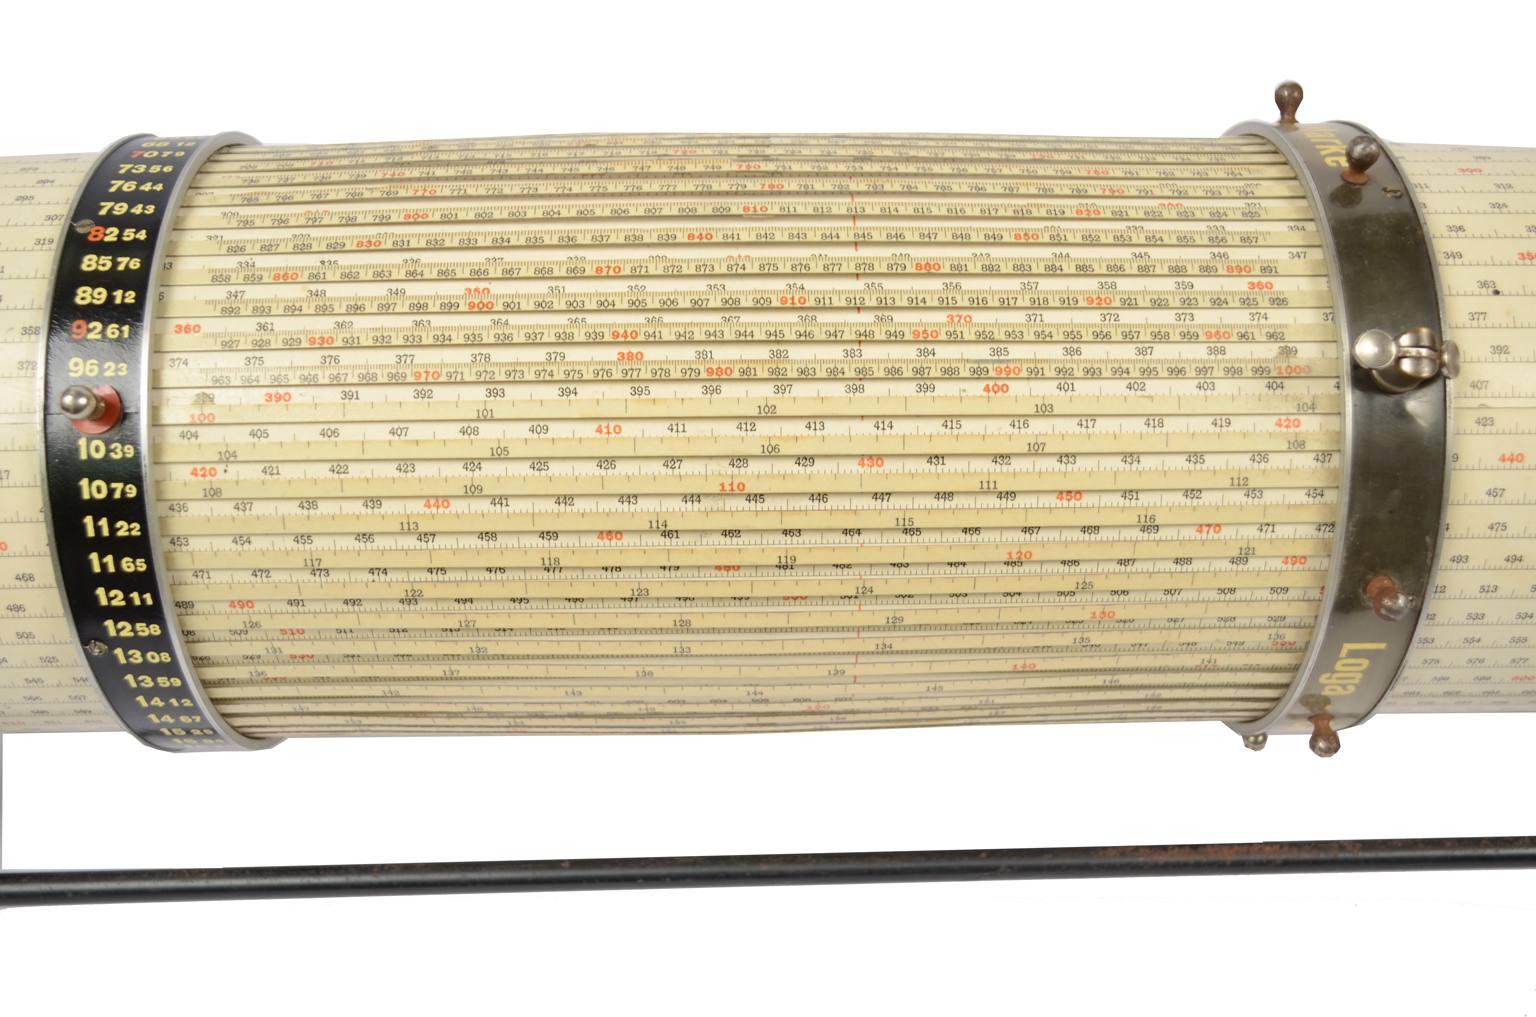 Strumenti di misura antichi/6181-Regolo antico